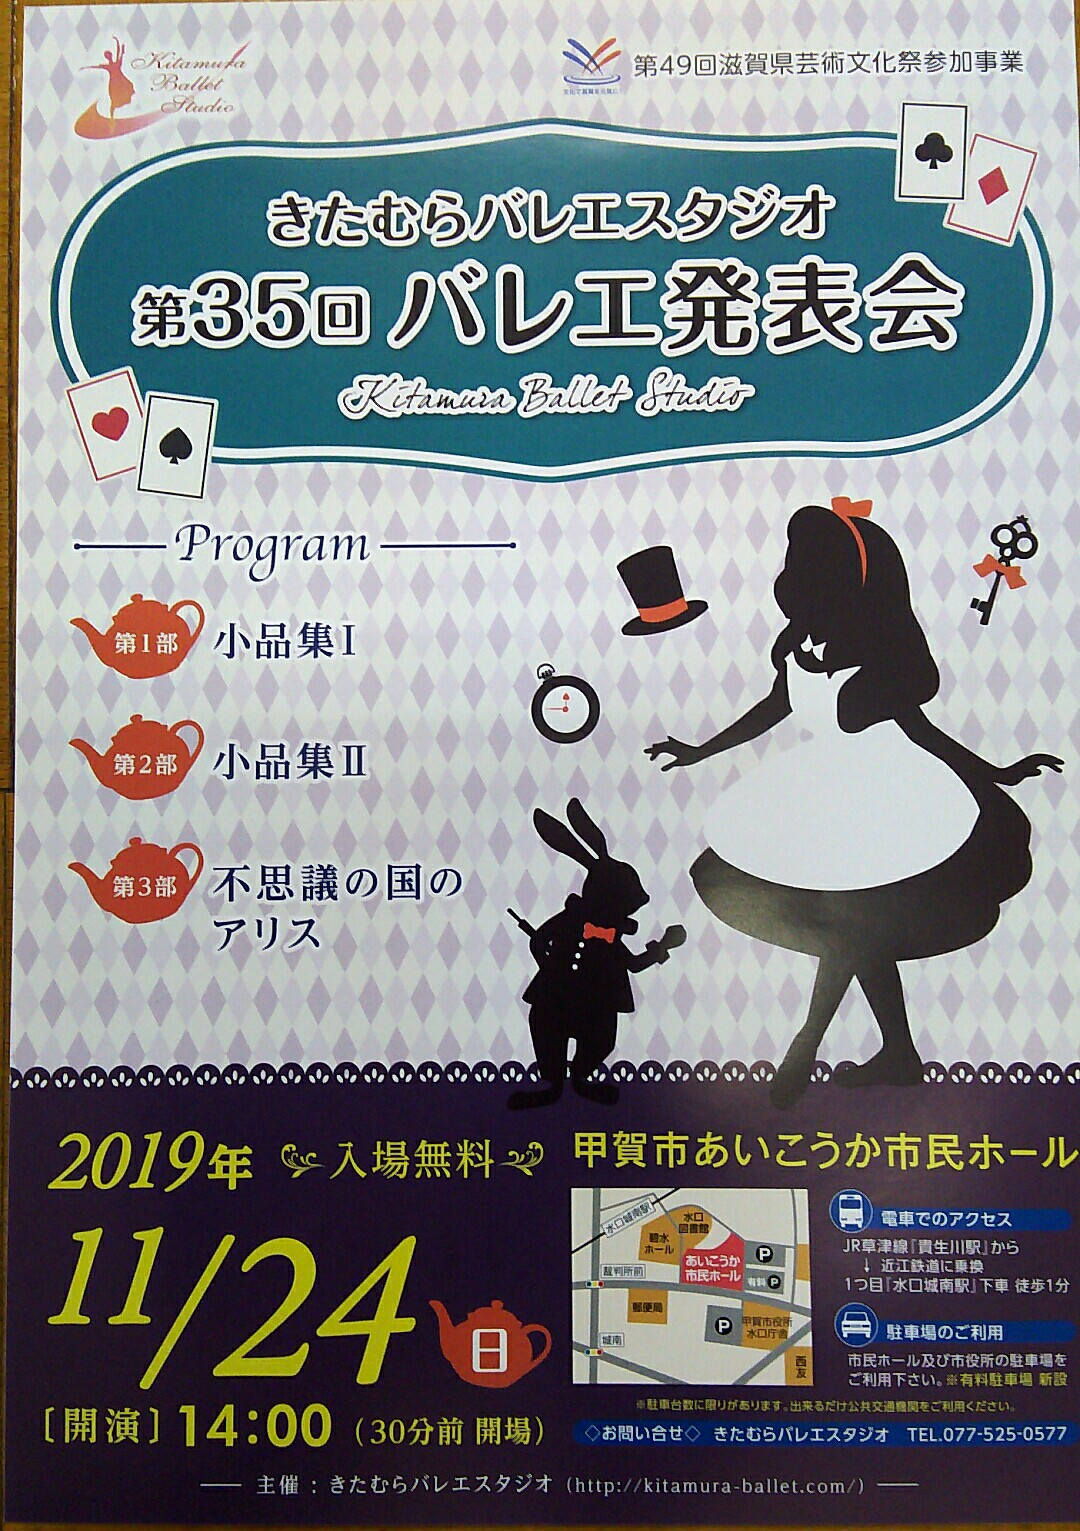 11月24日(日)発表会